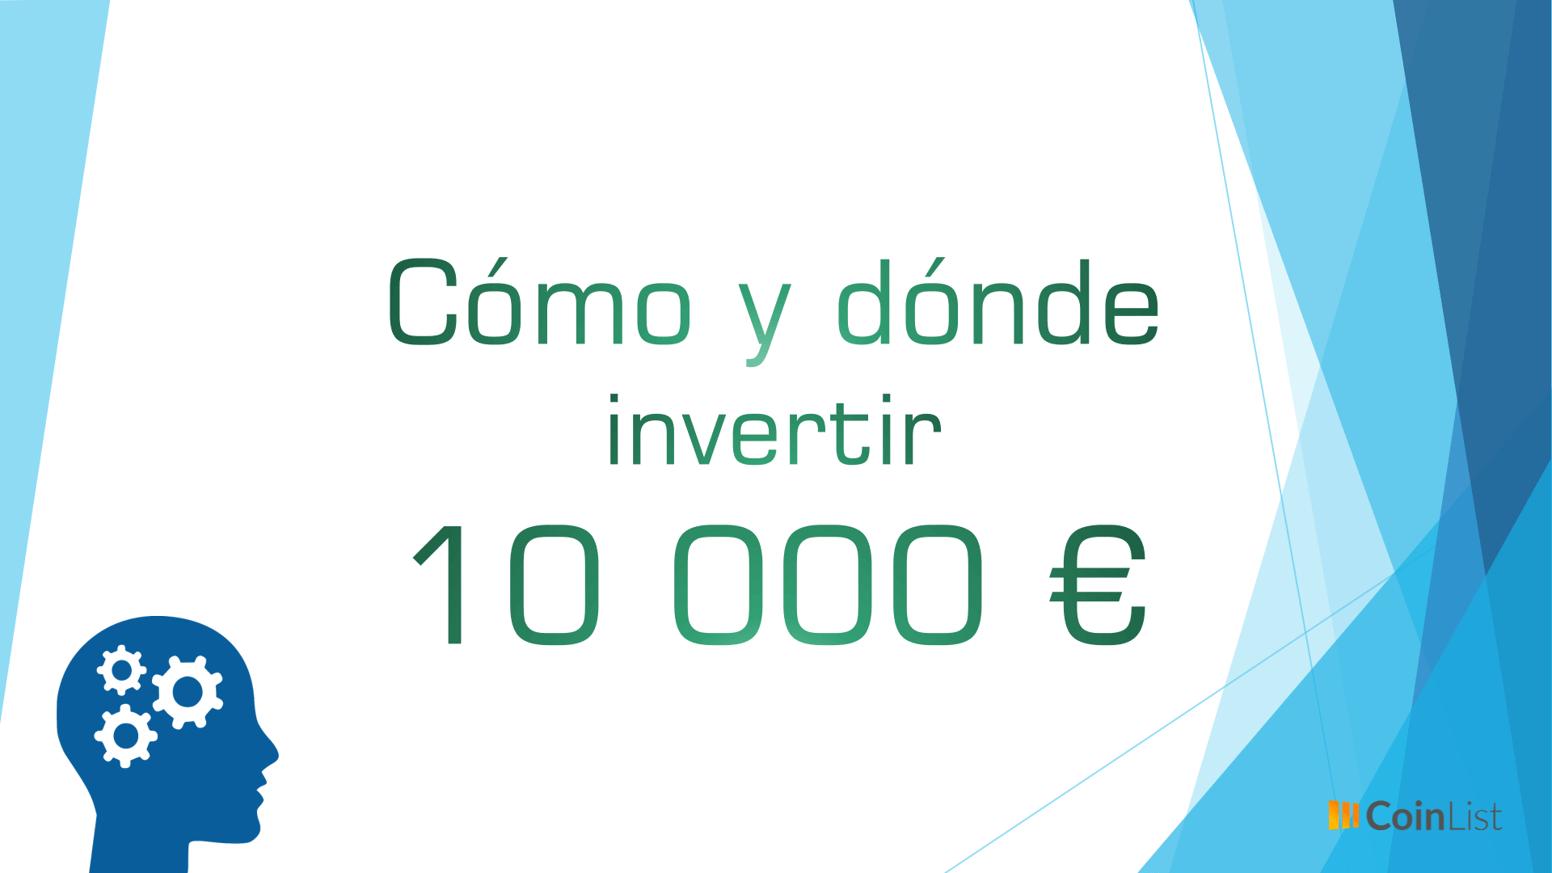 Cómo y dónde invertir 10.000 euros